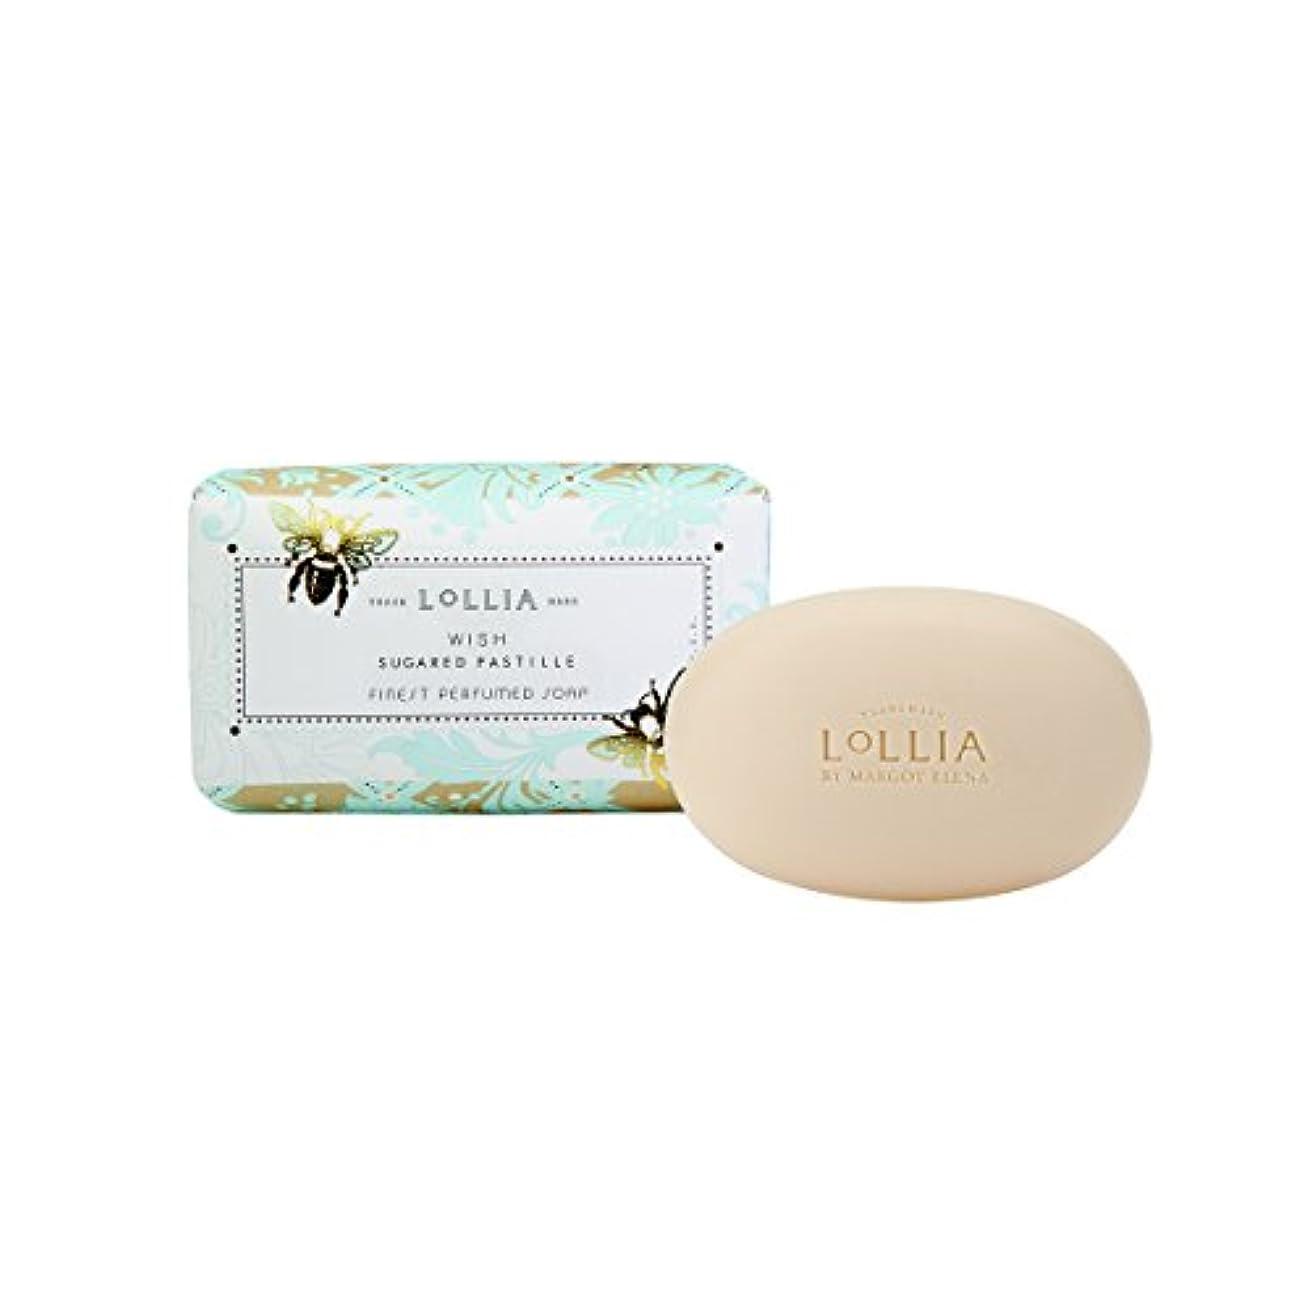 グリーンランドチーフエリートロリア(LoLLIA) フレグランスソープ140g Wish(化粧石けん 全身用洗浄料 ジャスミン、イランイラン、アンバー、ベルガモットの香り)